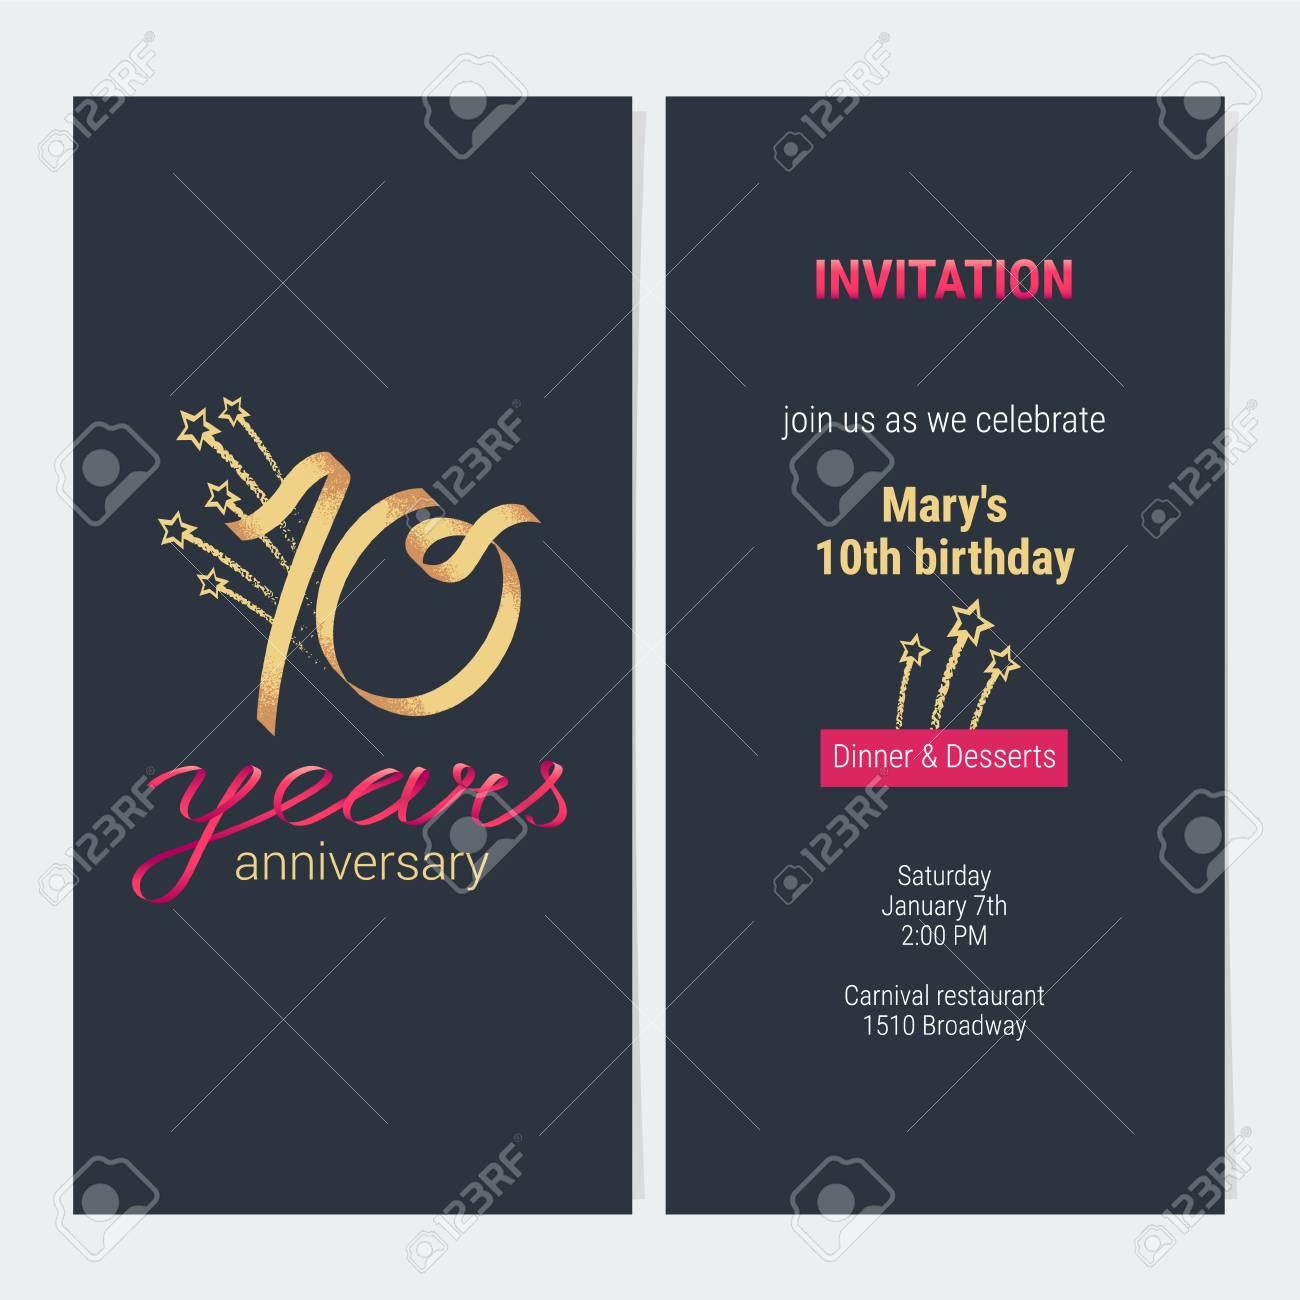 invitation anniversaire 10 ans pour celebrer l illustration vectorielle element de modele de conception avec nombre d or et texte pour la 10e carte